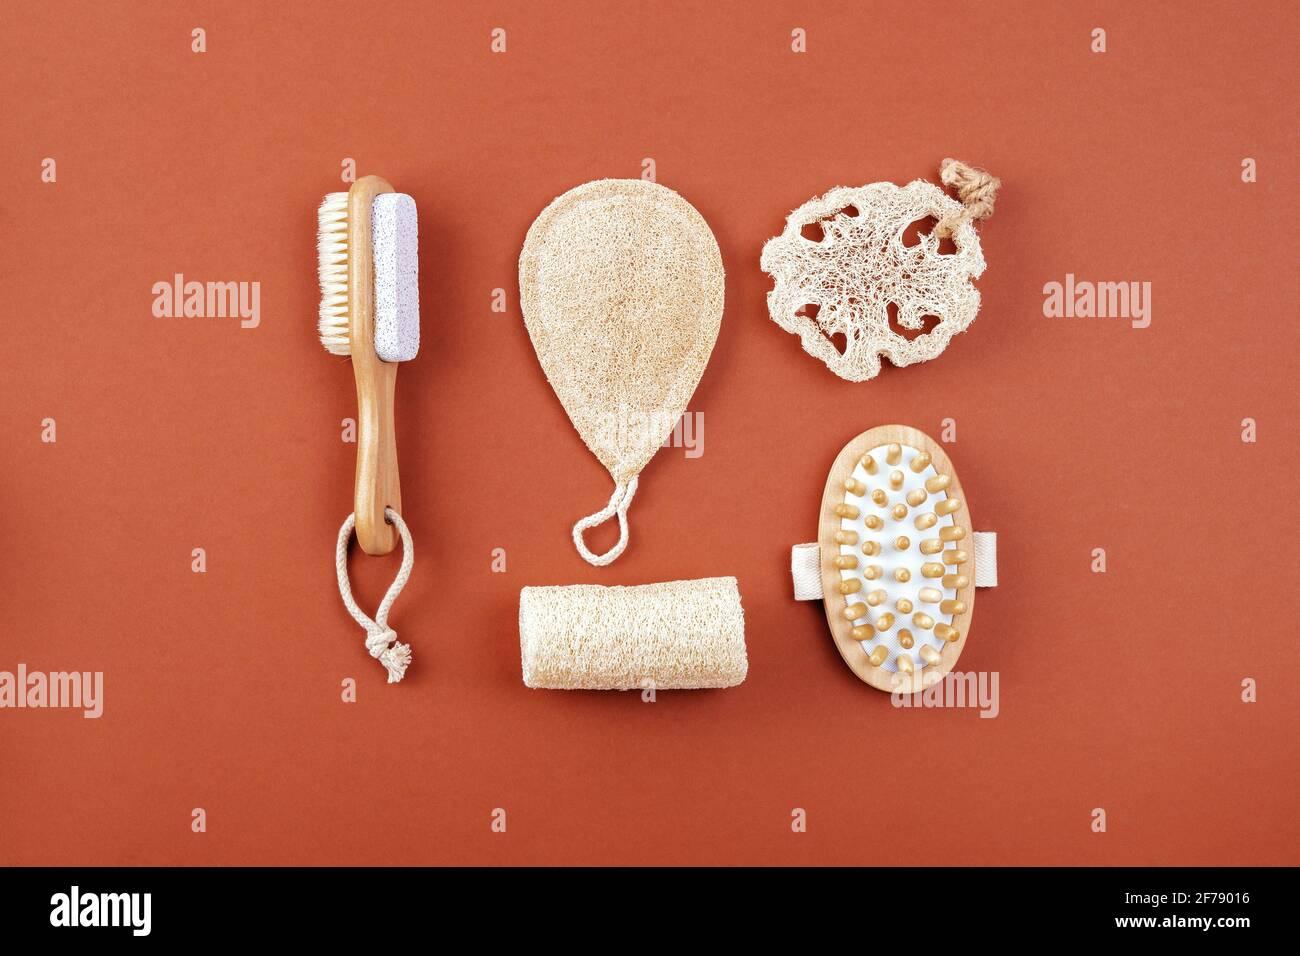 Natürlicher Reinigungsschwamm, Massagebürste, plastikfrei, Bambus- und Holzset, Öko-Badartikel. Nachhaltiges Lifestyle-Konzept. Stockfoto